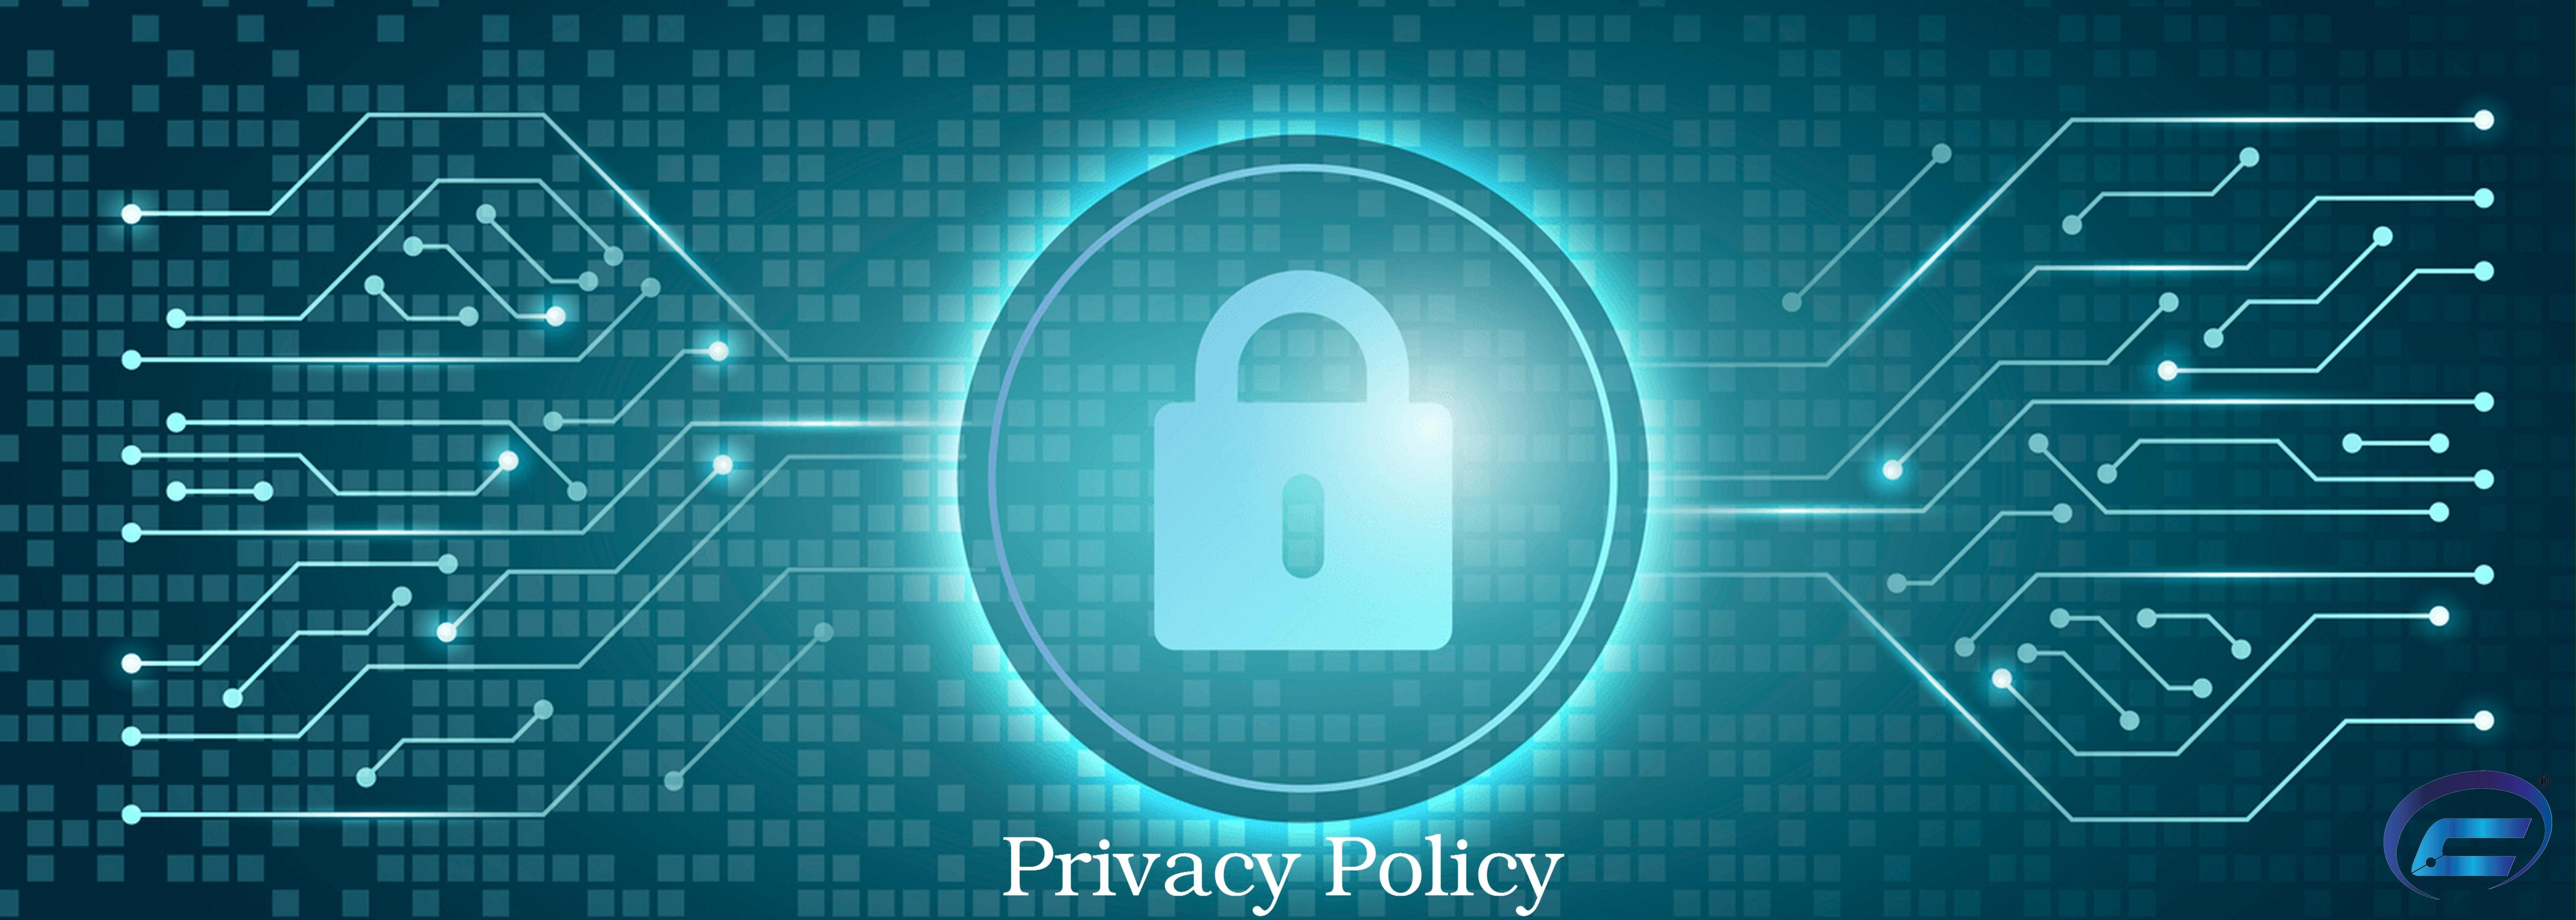 سیاست حریم خصوصی-انگلیسی-کانون قراردادنویسان ایران